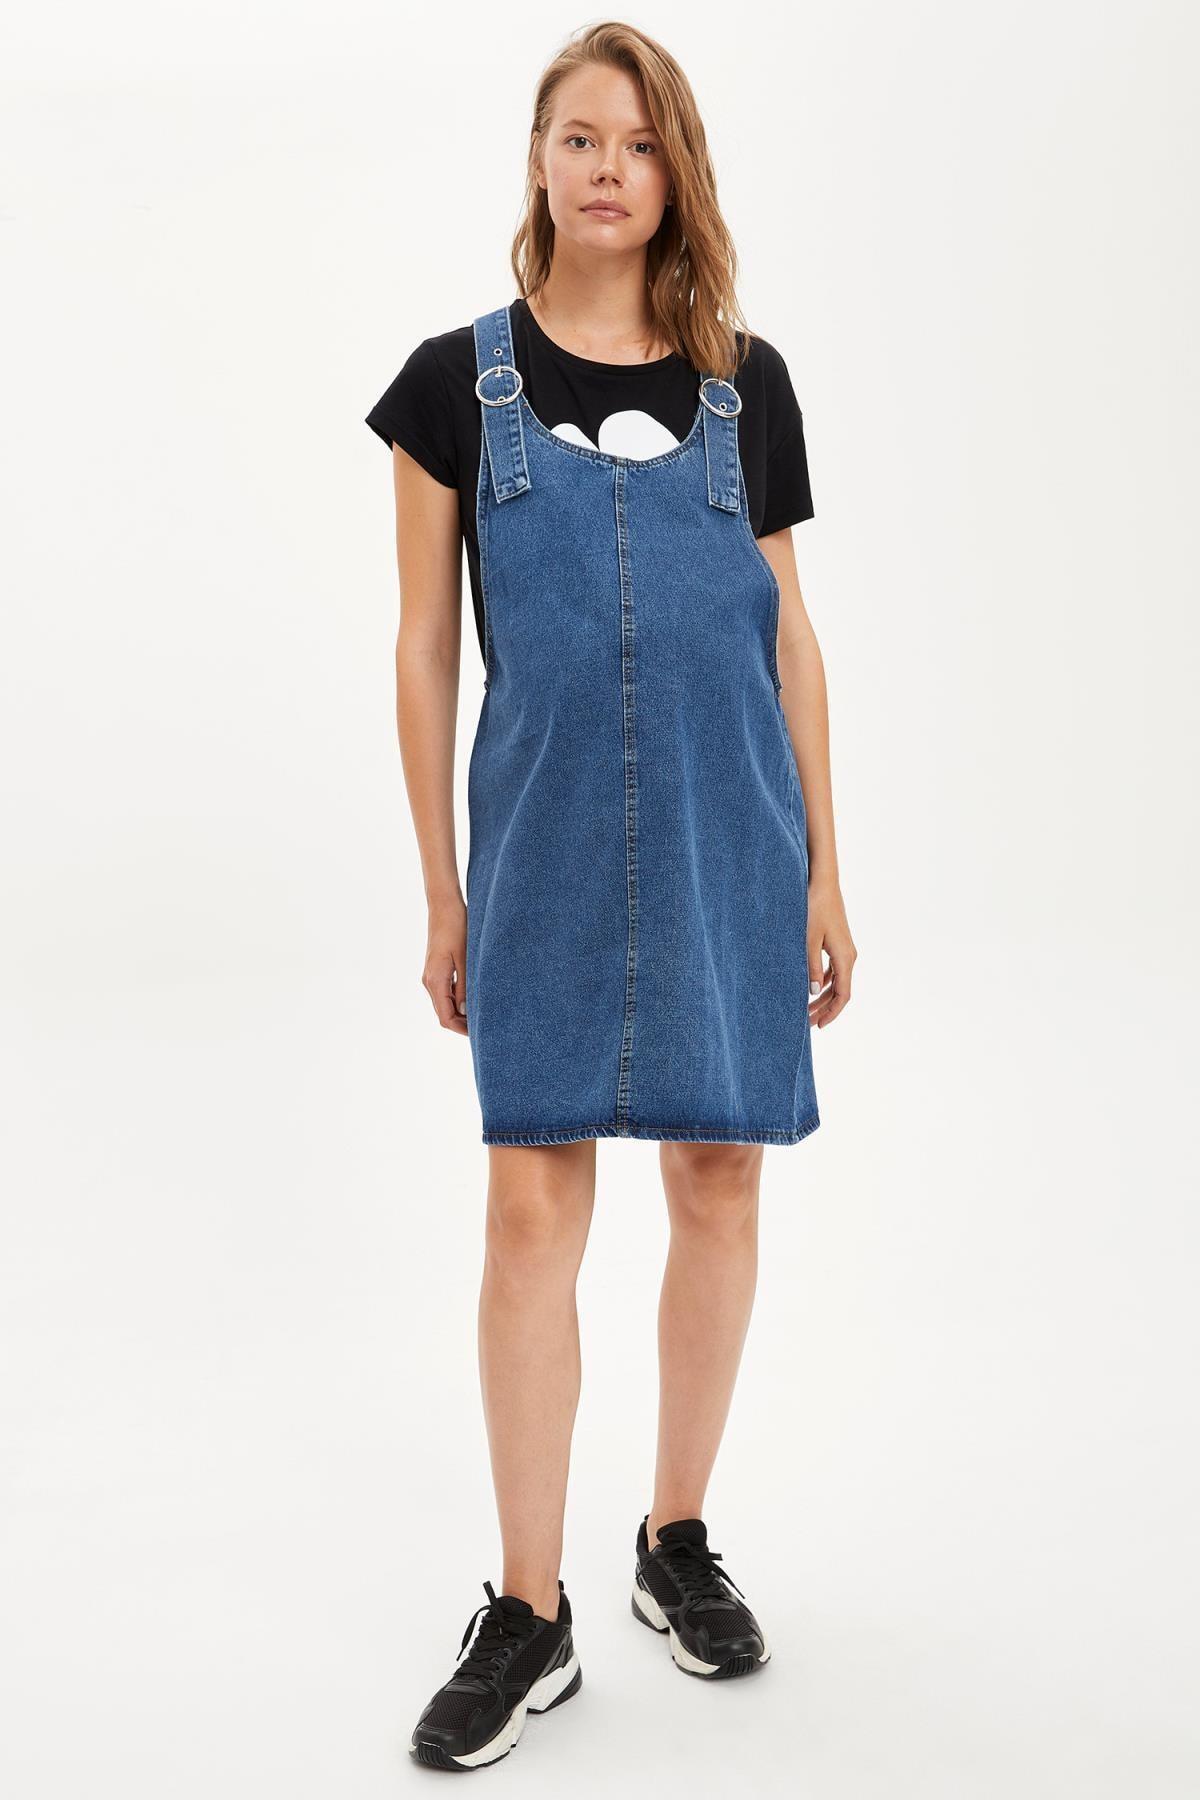 Defacto Kadın Çivit Mavisi Omuzları Kemer Detayl Hamile Jean Elbise R0413AZ20AU 1